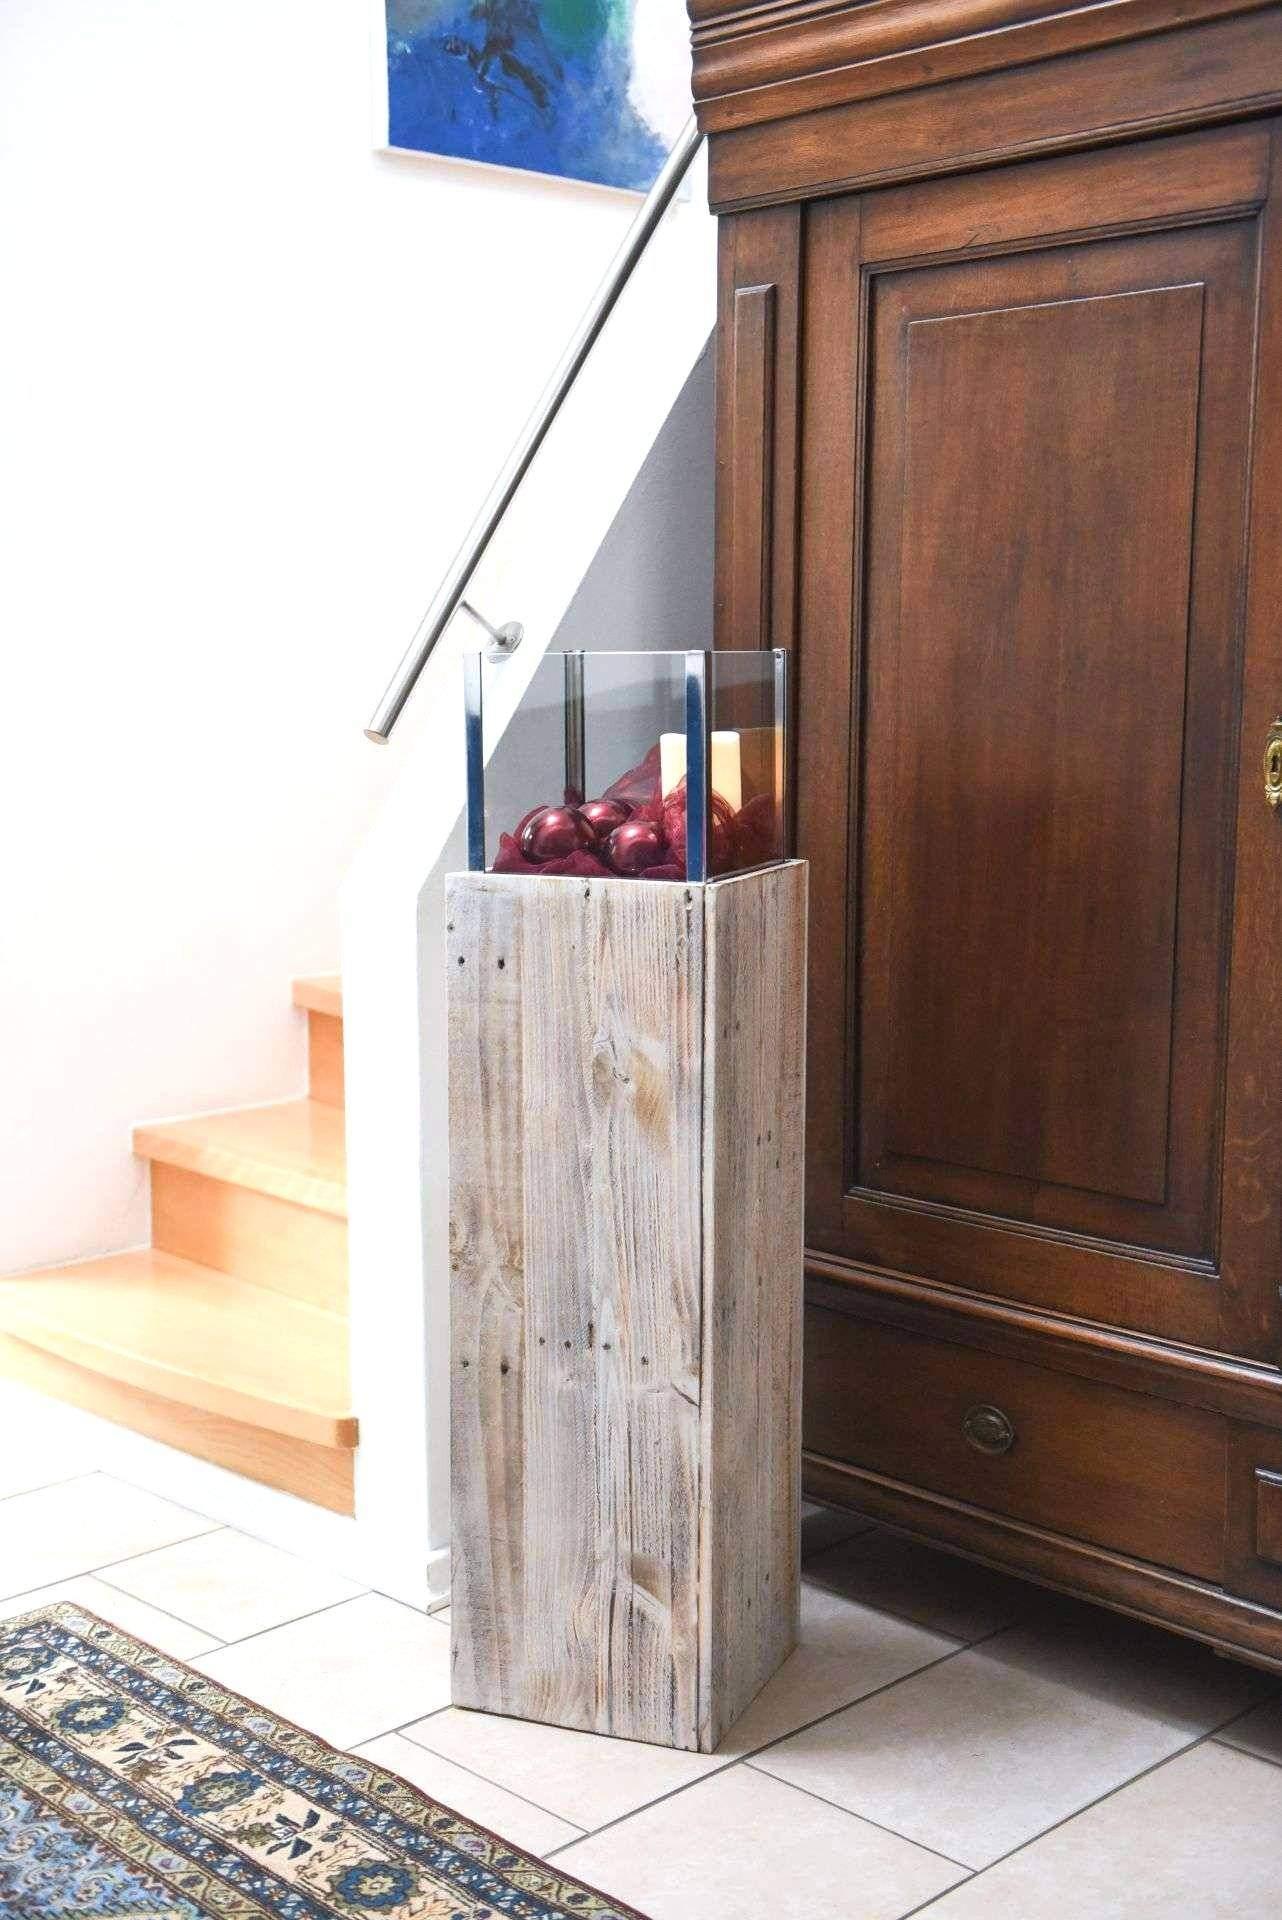 Dekoration Online Inspirierend 29 Reizend Wohnzimmer Deko Line Shop Inspirierend